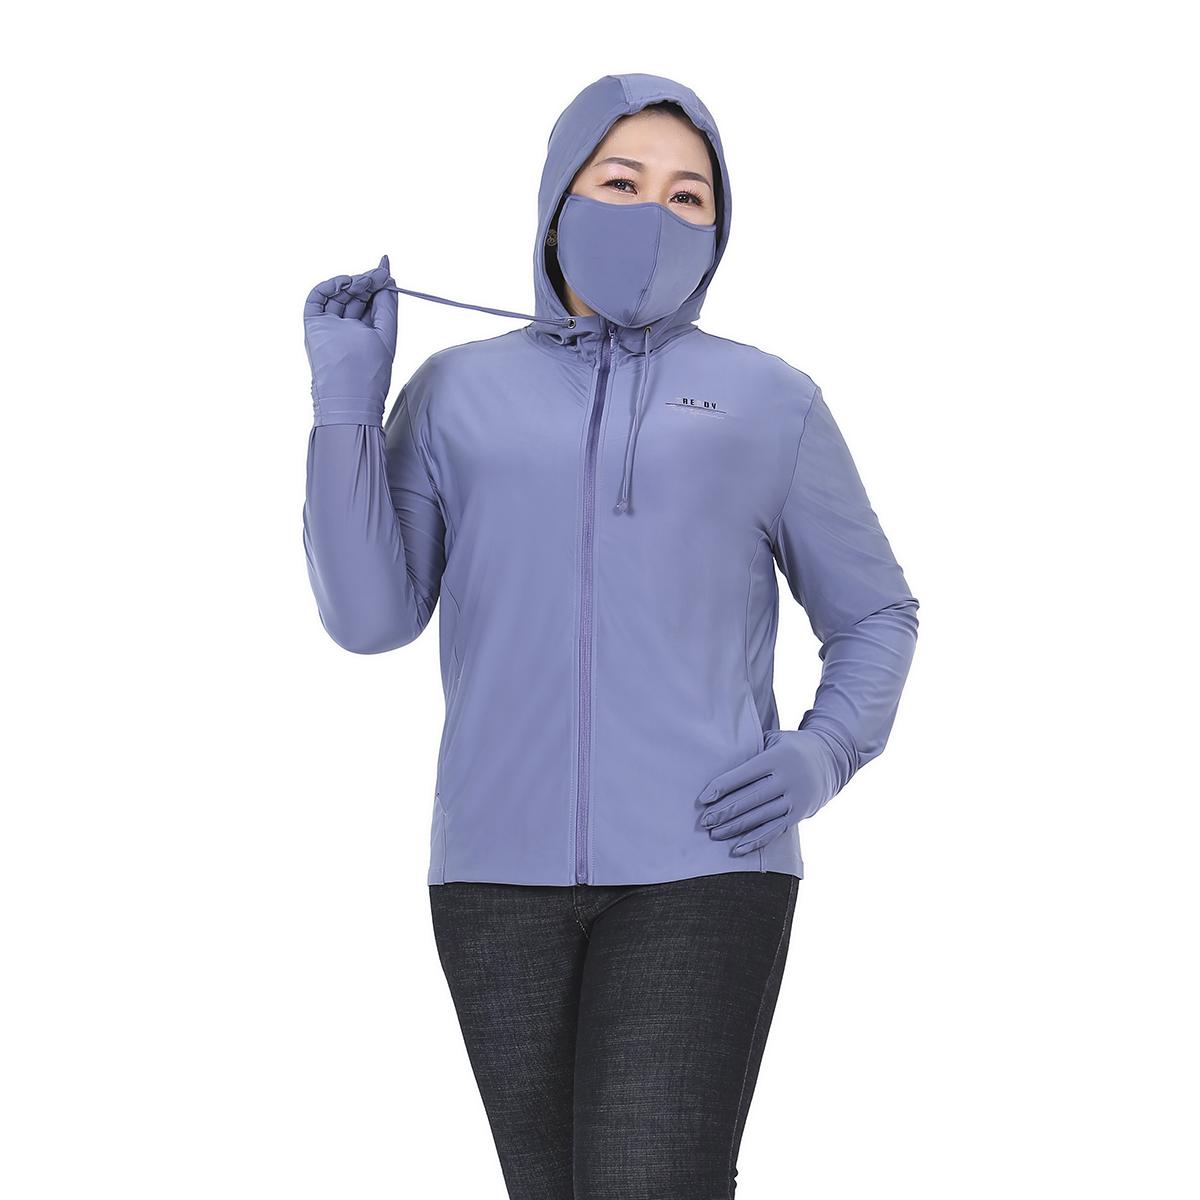 Áo khoác big size cao cấp có nón chống tia tử ngoại uv paltal akcn 151p 1058